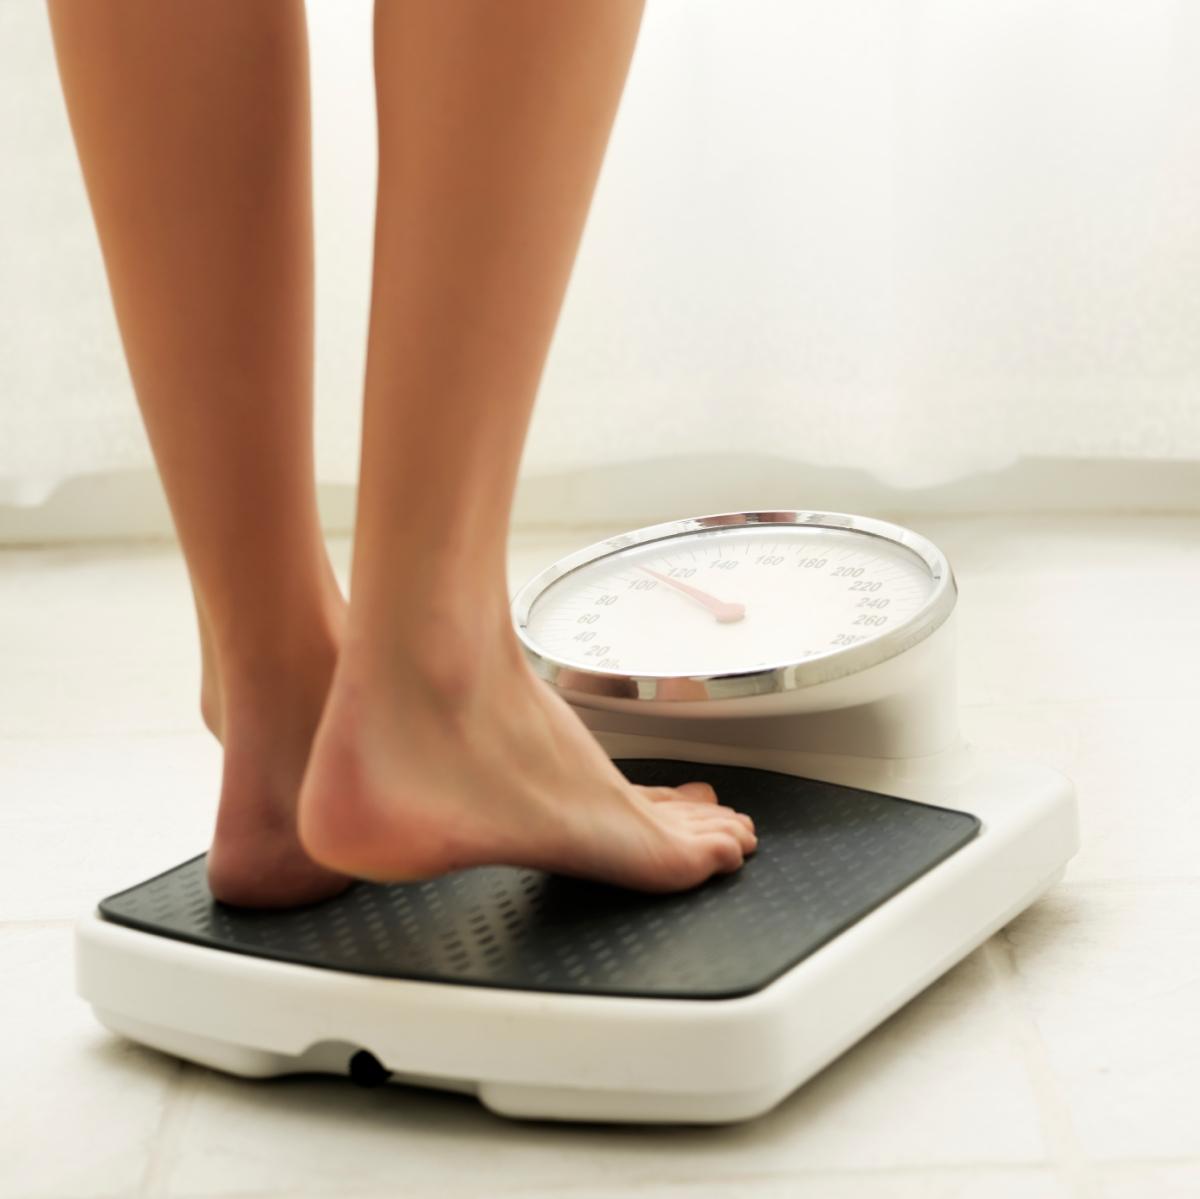 cuanto tiempo tengo q correr para bajar de peso